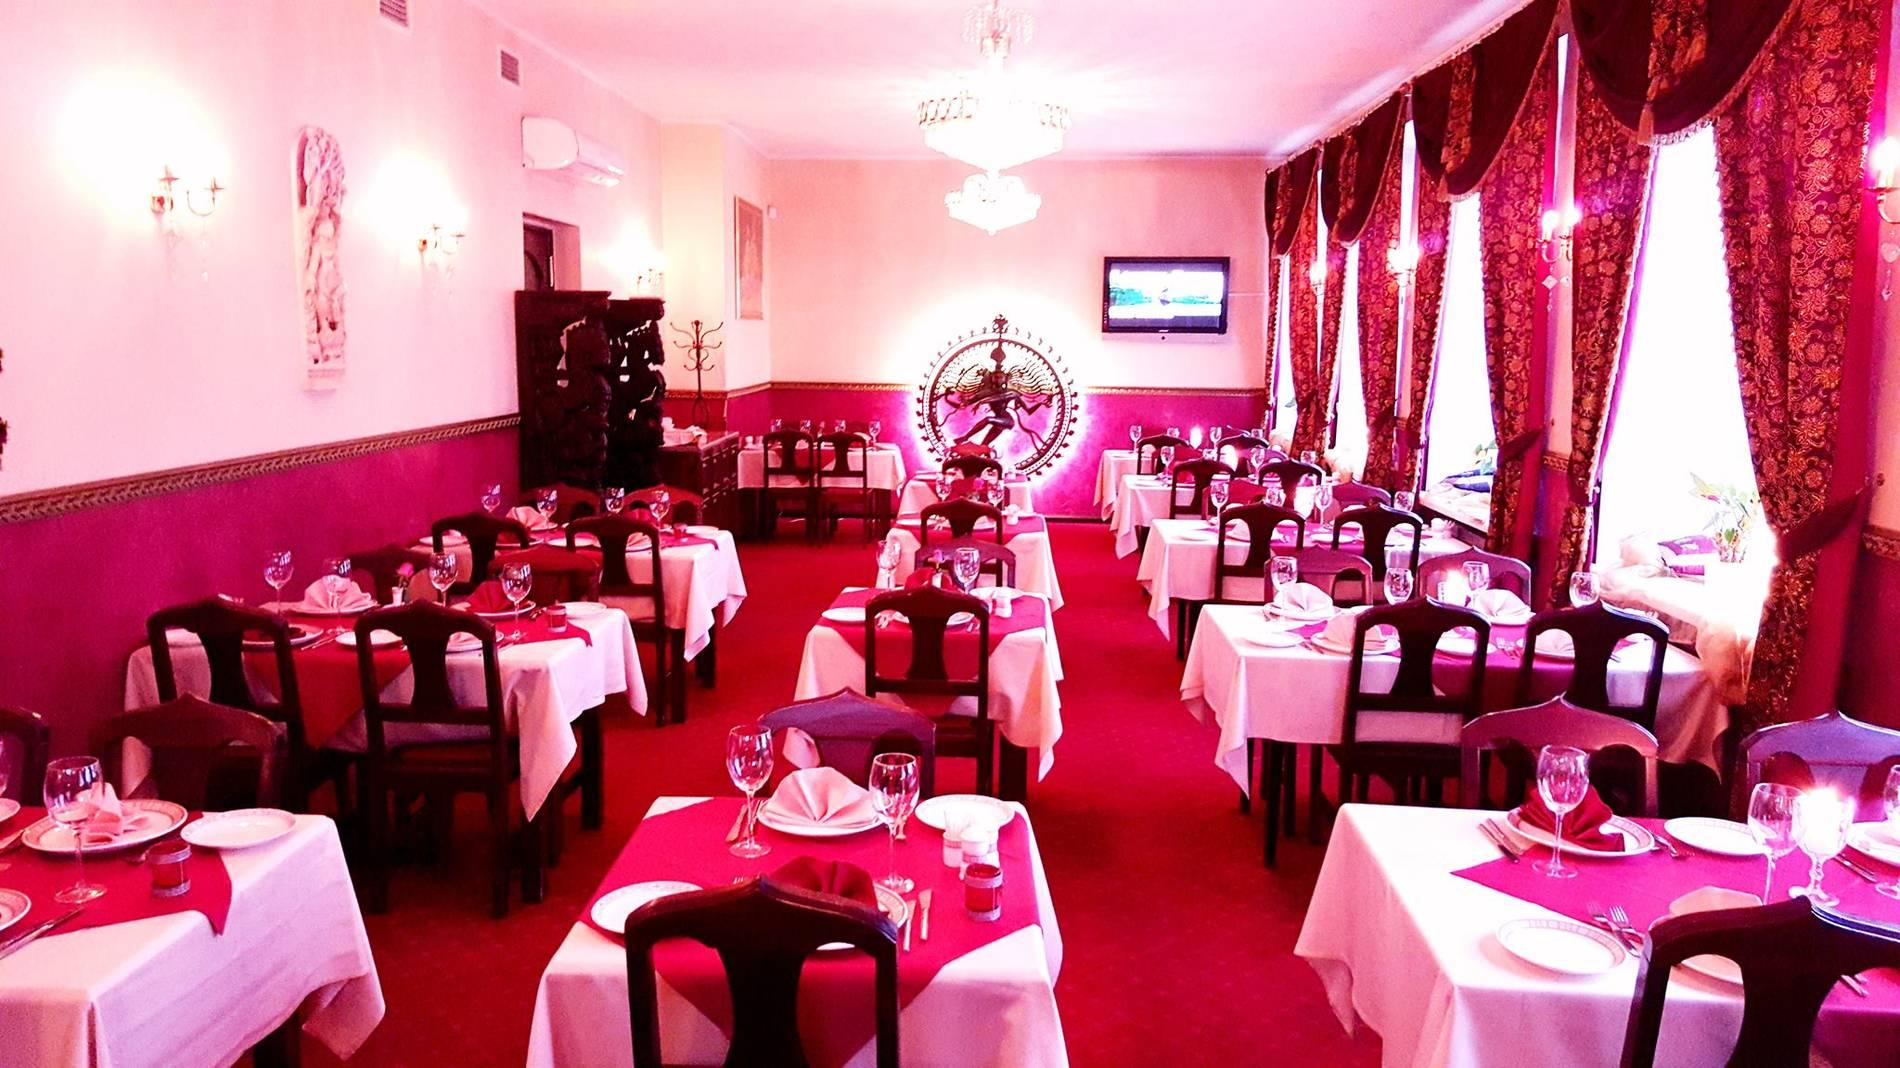 Maharaja ravintola Tallinnassa, Virossa